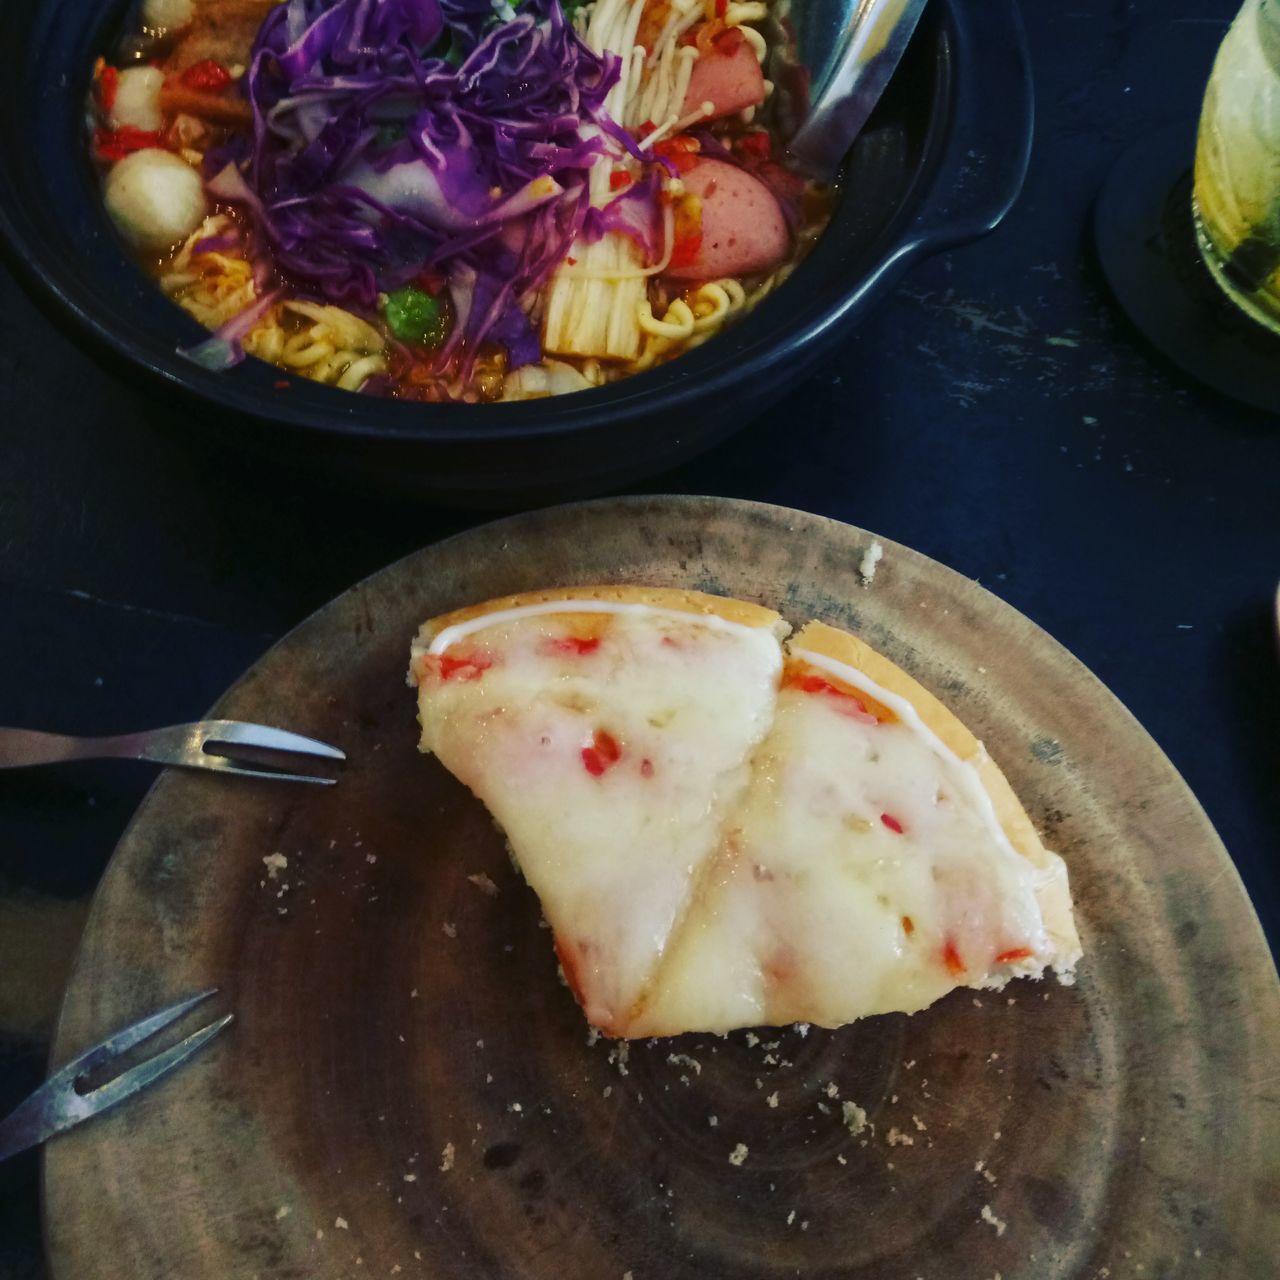 Mì lạnh và pizza cho mùng 7 Food Ready-to-eat No People